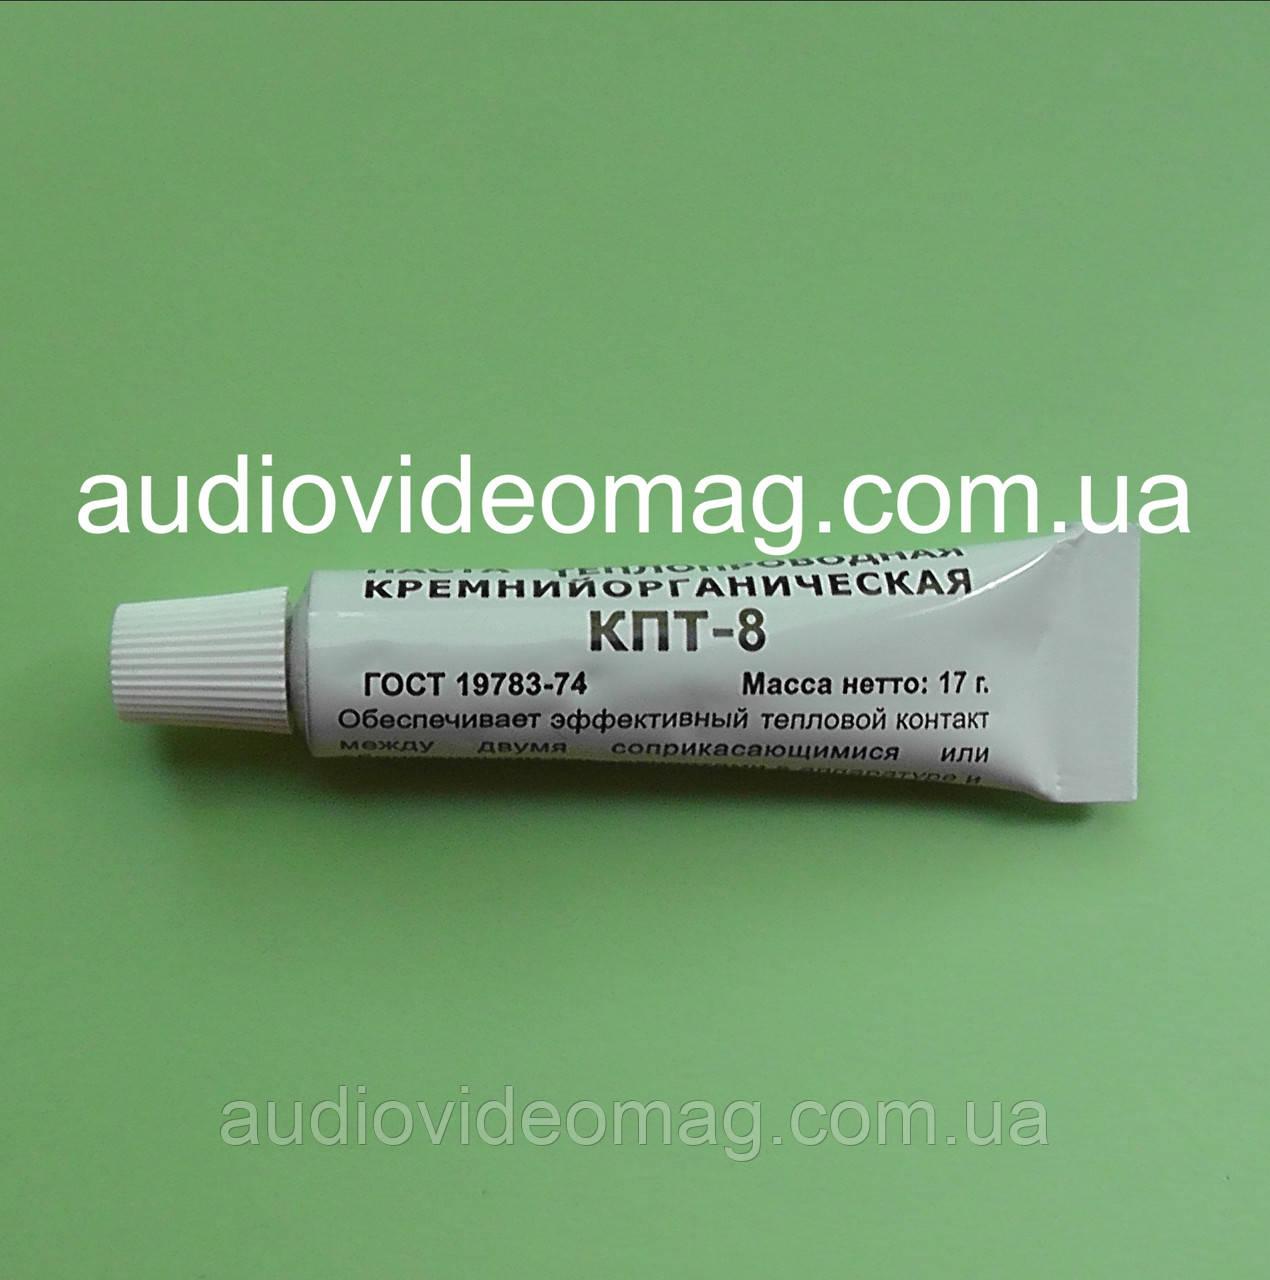 Термопаста КПТ-8 (Кремнийорганическая паста теплопроводная), 17 грамм